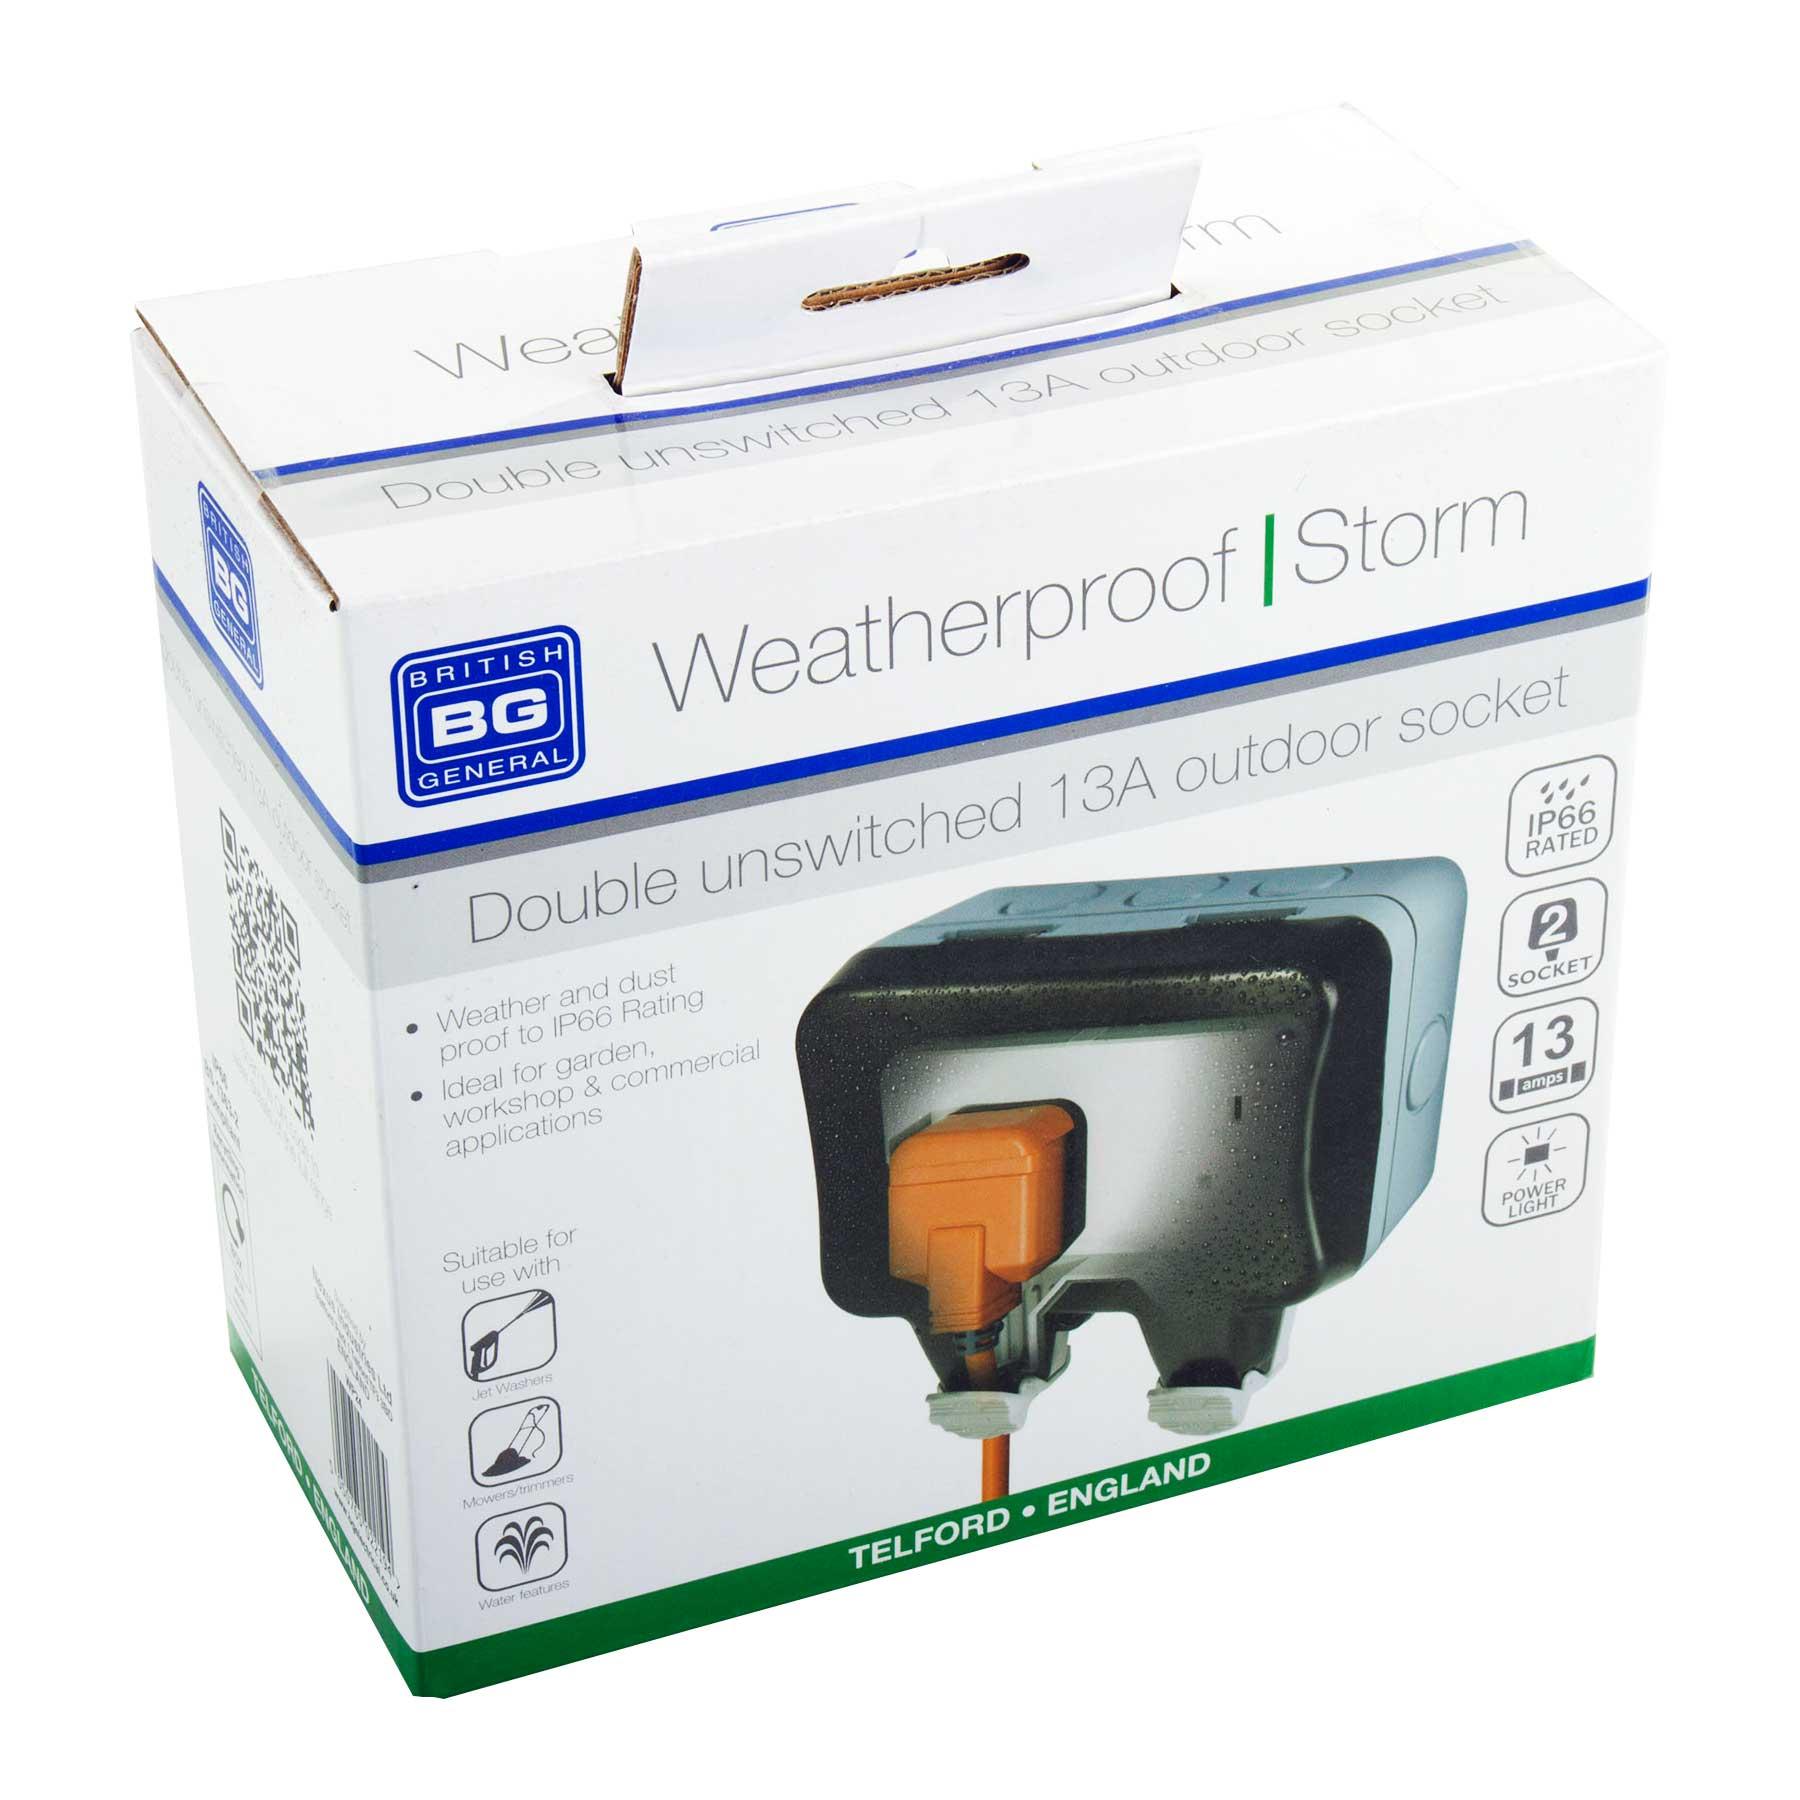 BG Weatherproof IP66 Outdoor Twin Power Socket 2 Gang Storm 13 Amp ...